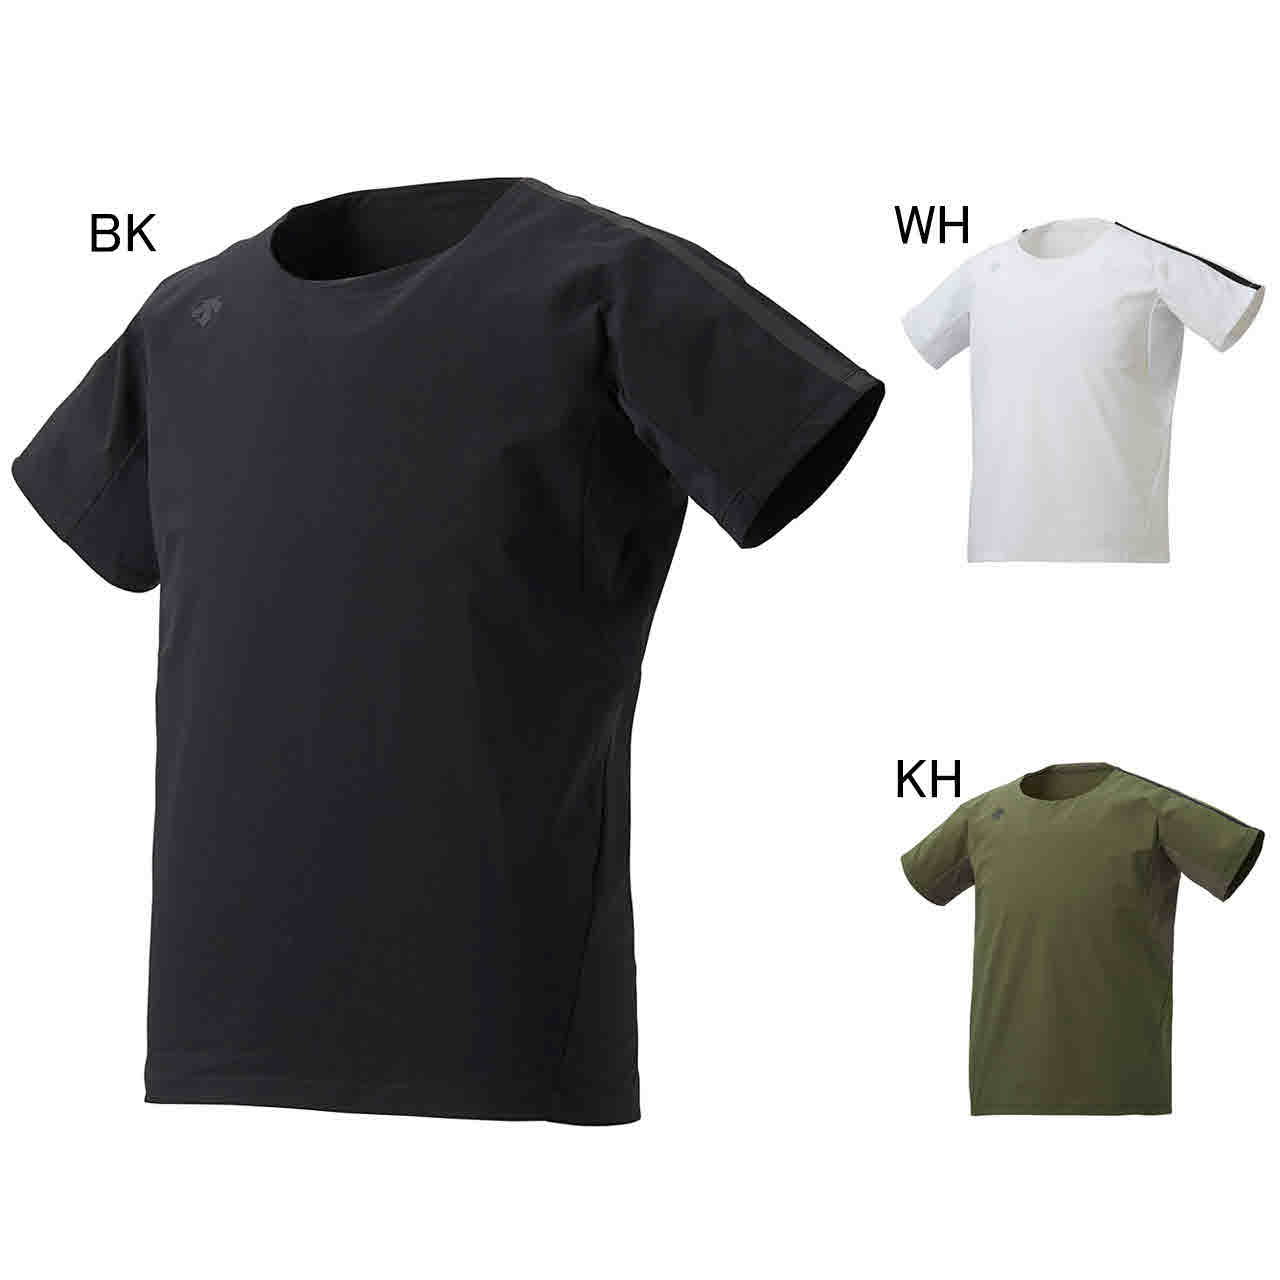 デサント エクササイズ フィットネス シャツ トップス メンズ ユニセックス ハイブリッドシャツ DESCENTE DMMNJA65Z